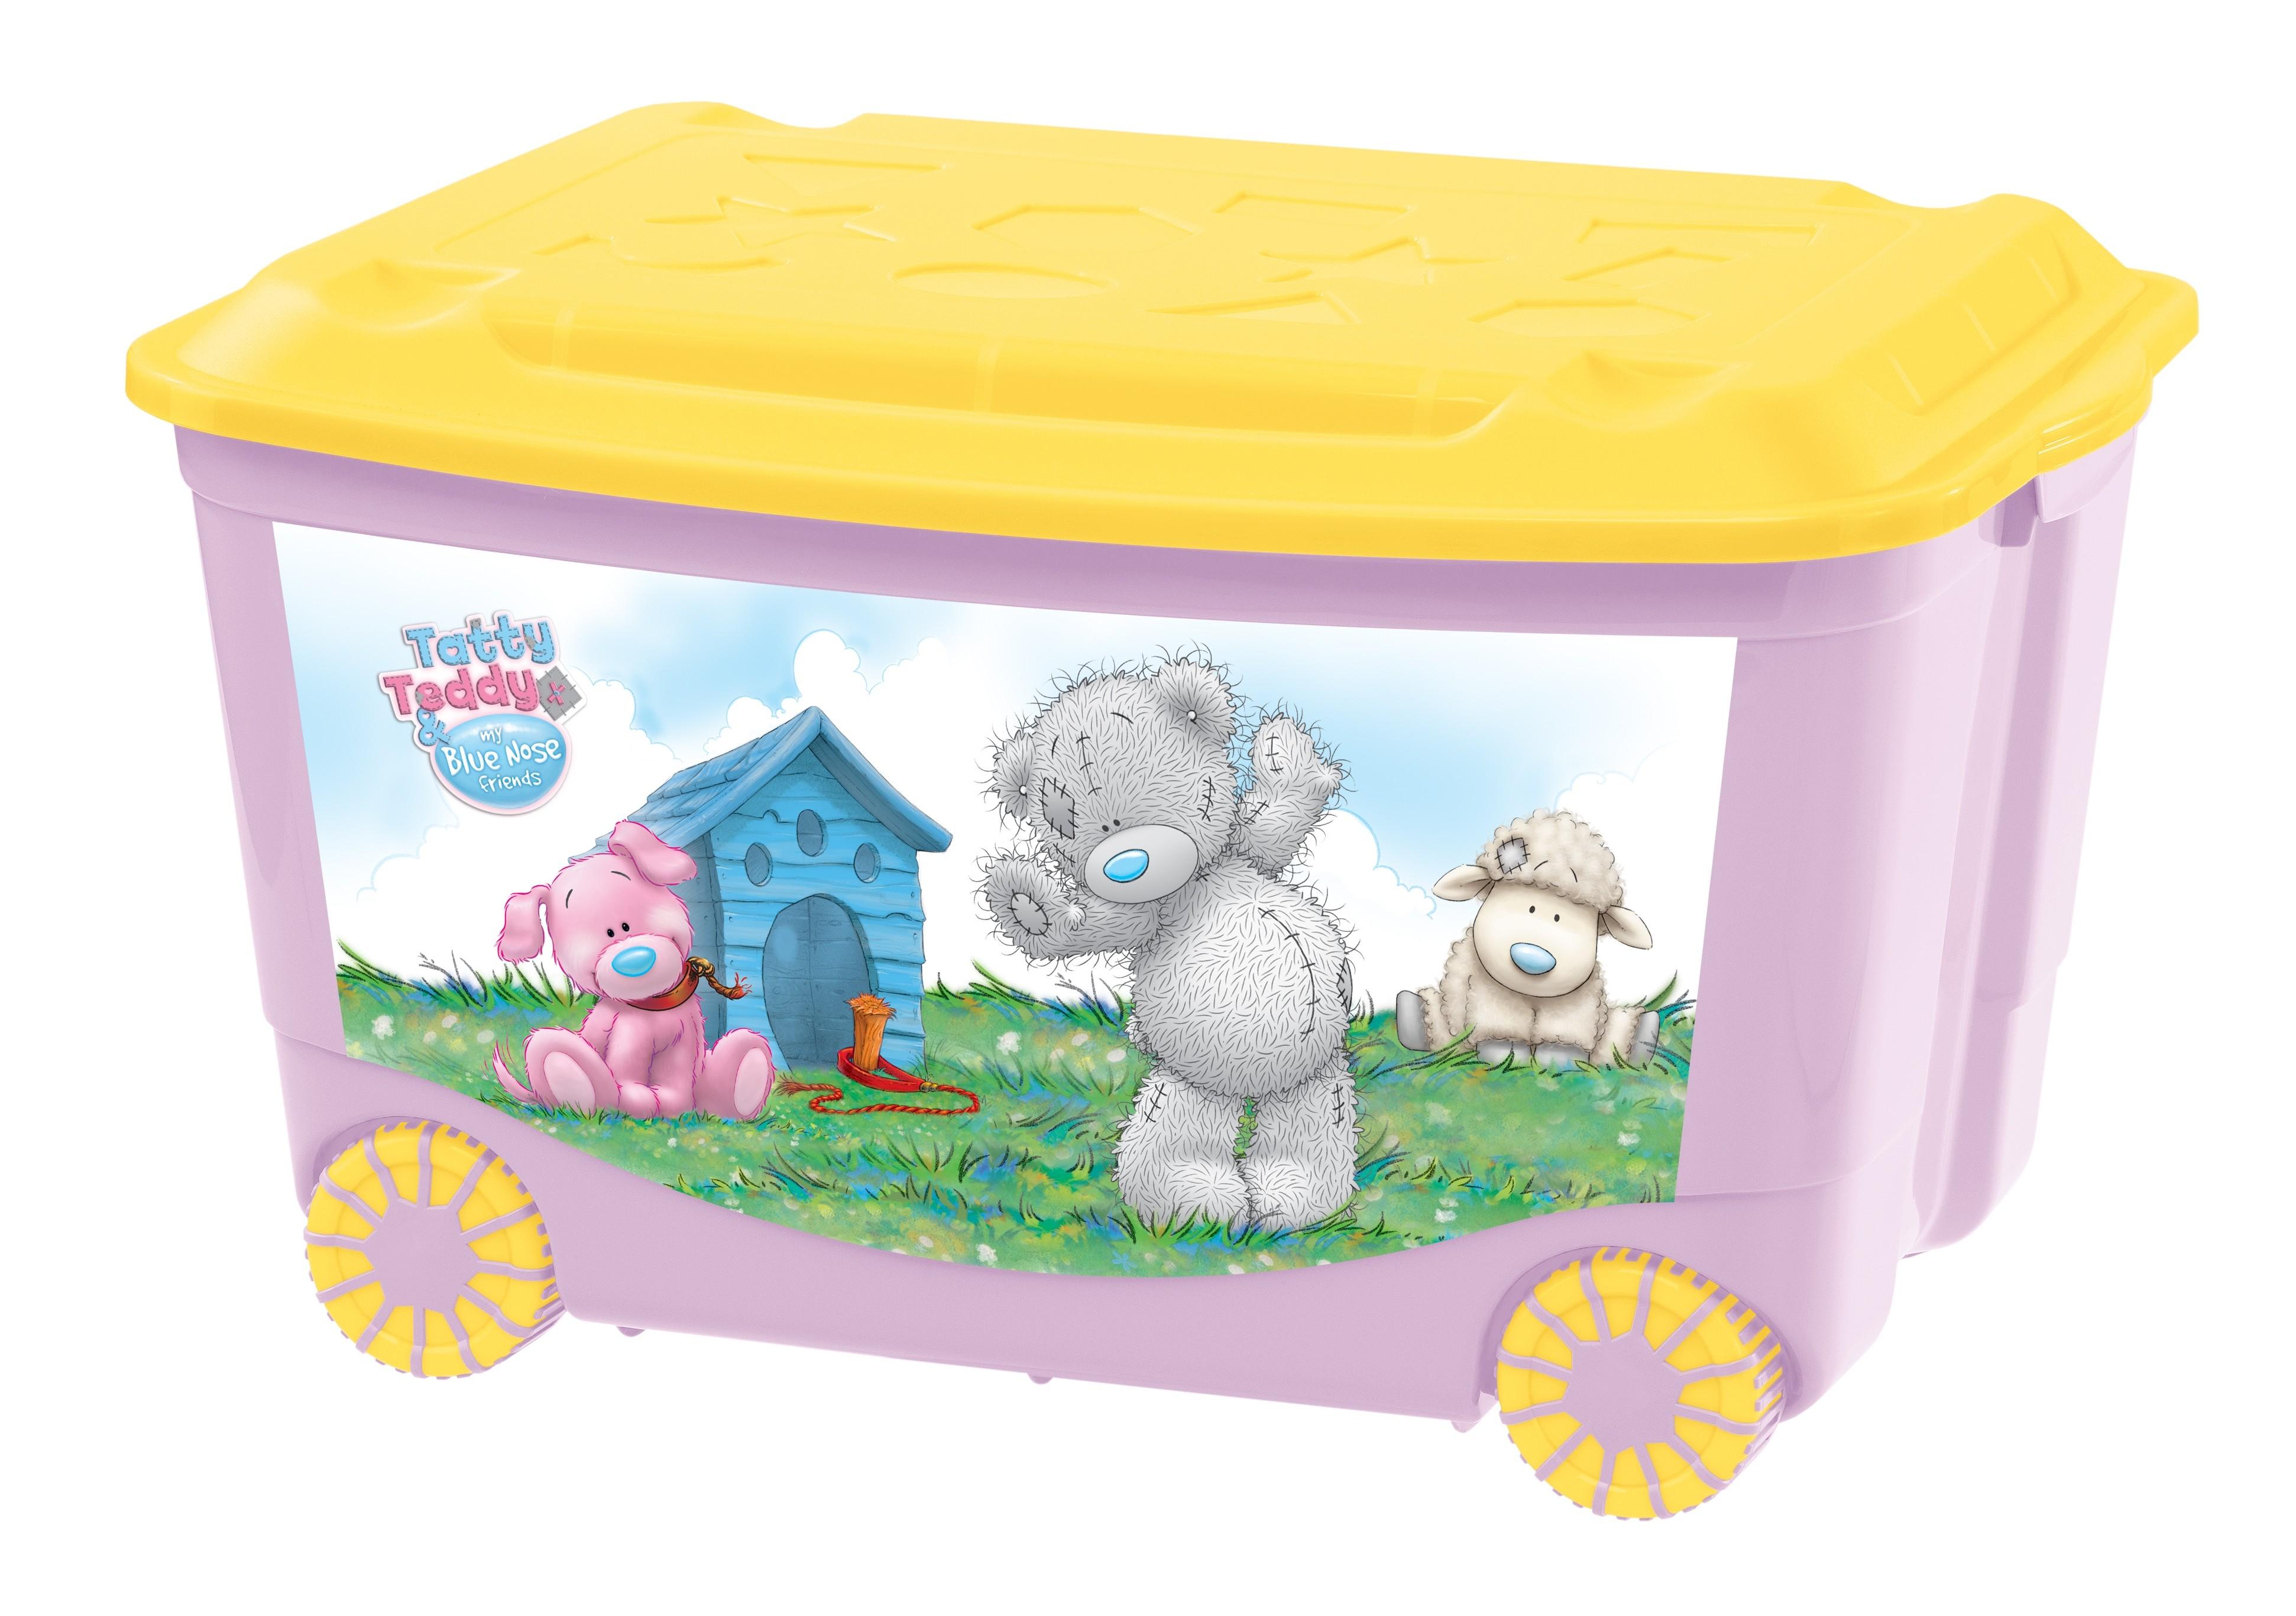 Ящики и корзины для игрушек Me to you Ящик для игрушек Me to you на колесах розовый 50 л ящик для игрушек me to you розовый 8 4 л